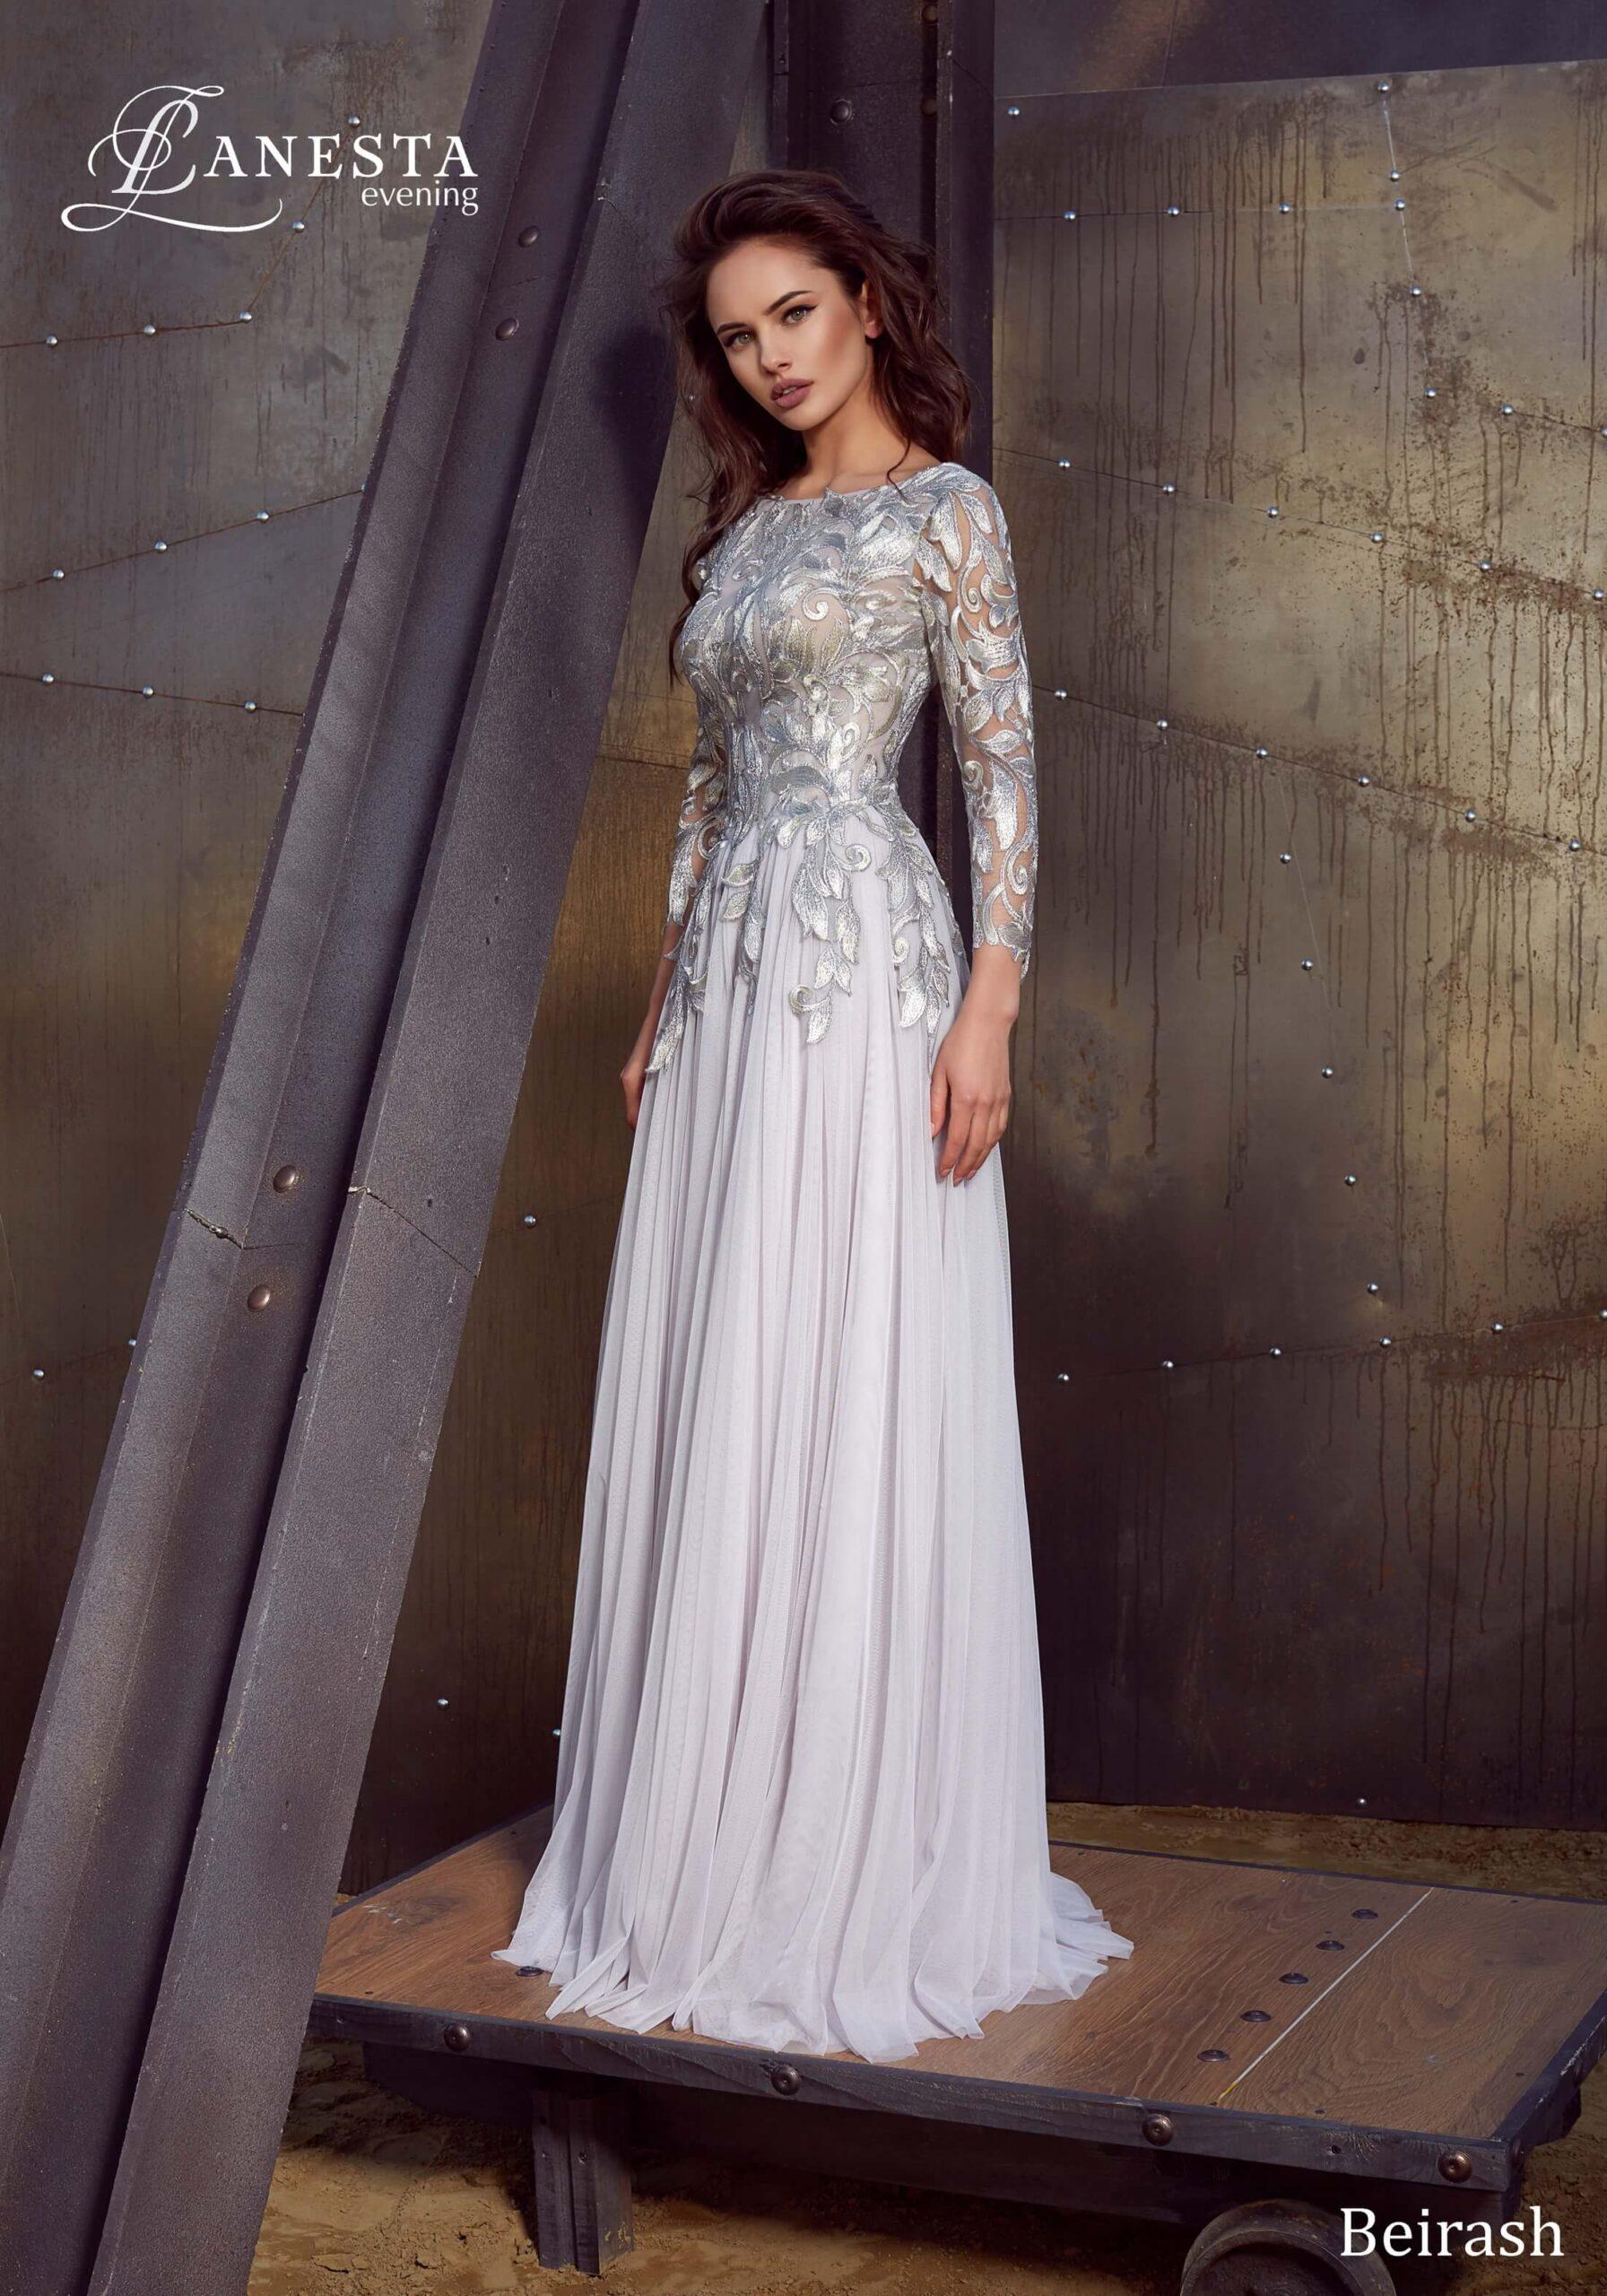 Вечернее платье Beirash Lanesta